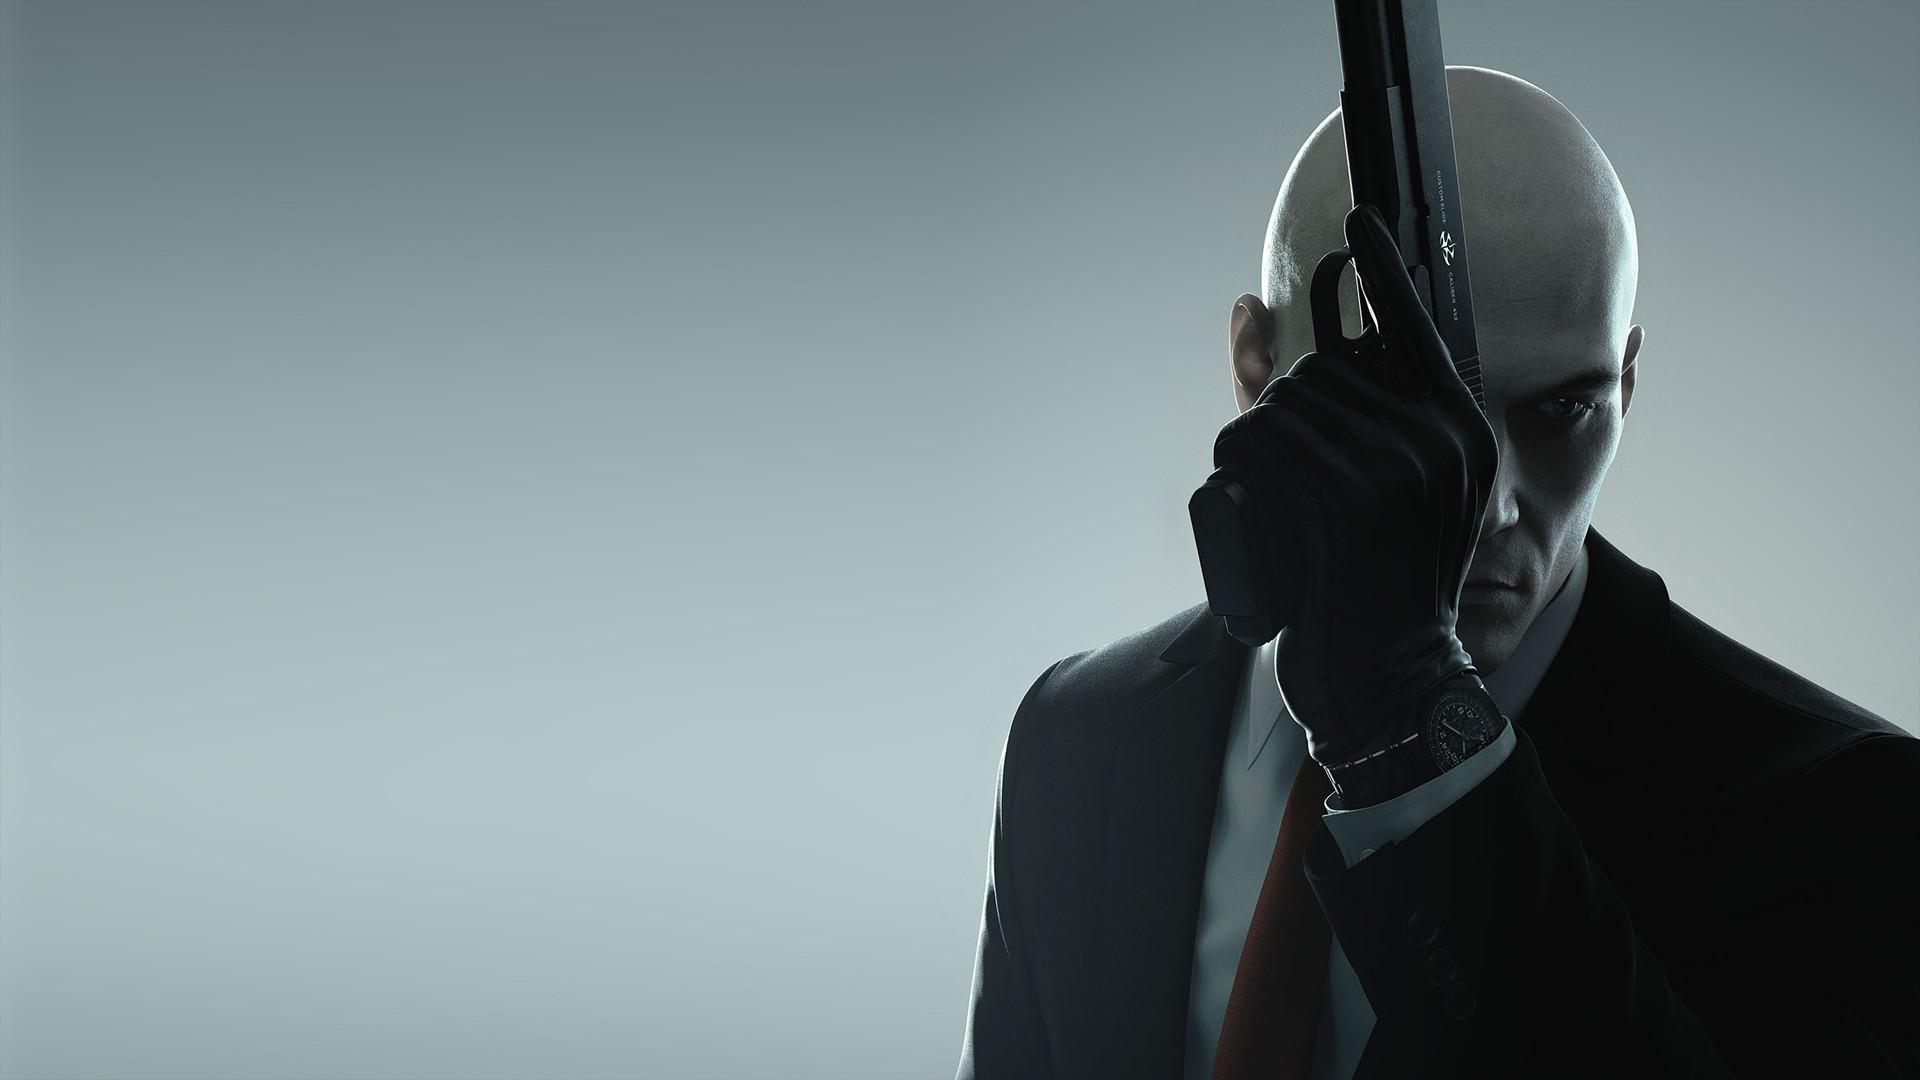 Wallpaper Hitman Io Interactive Square Enix Agent Gun